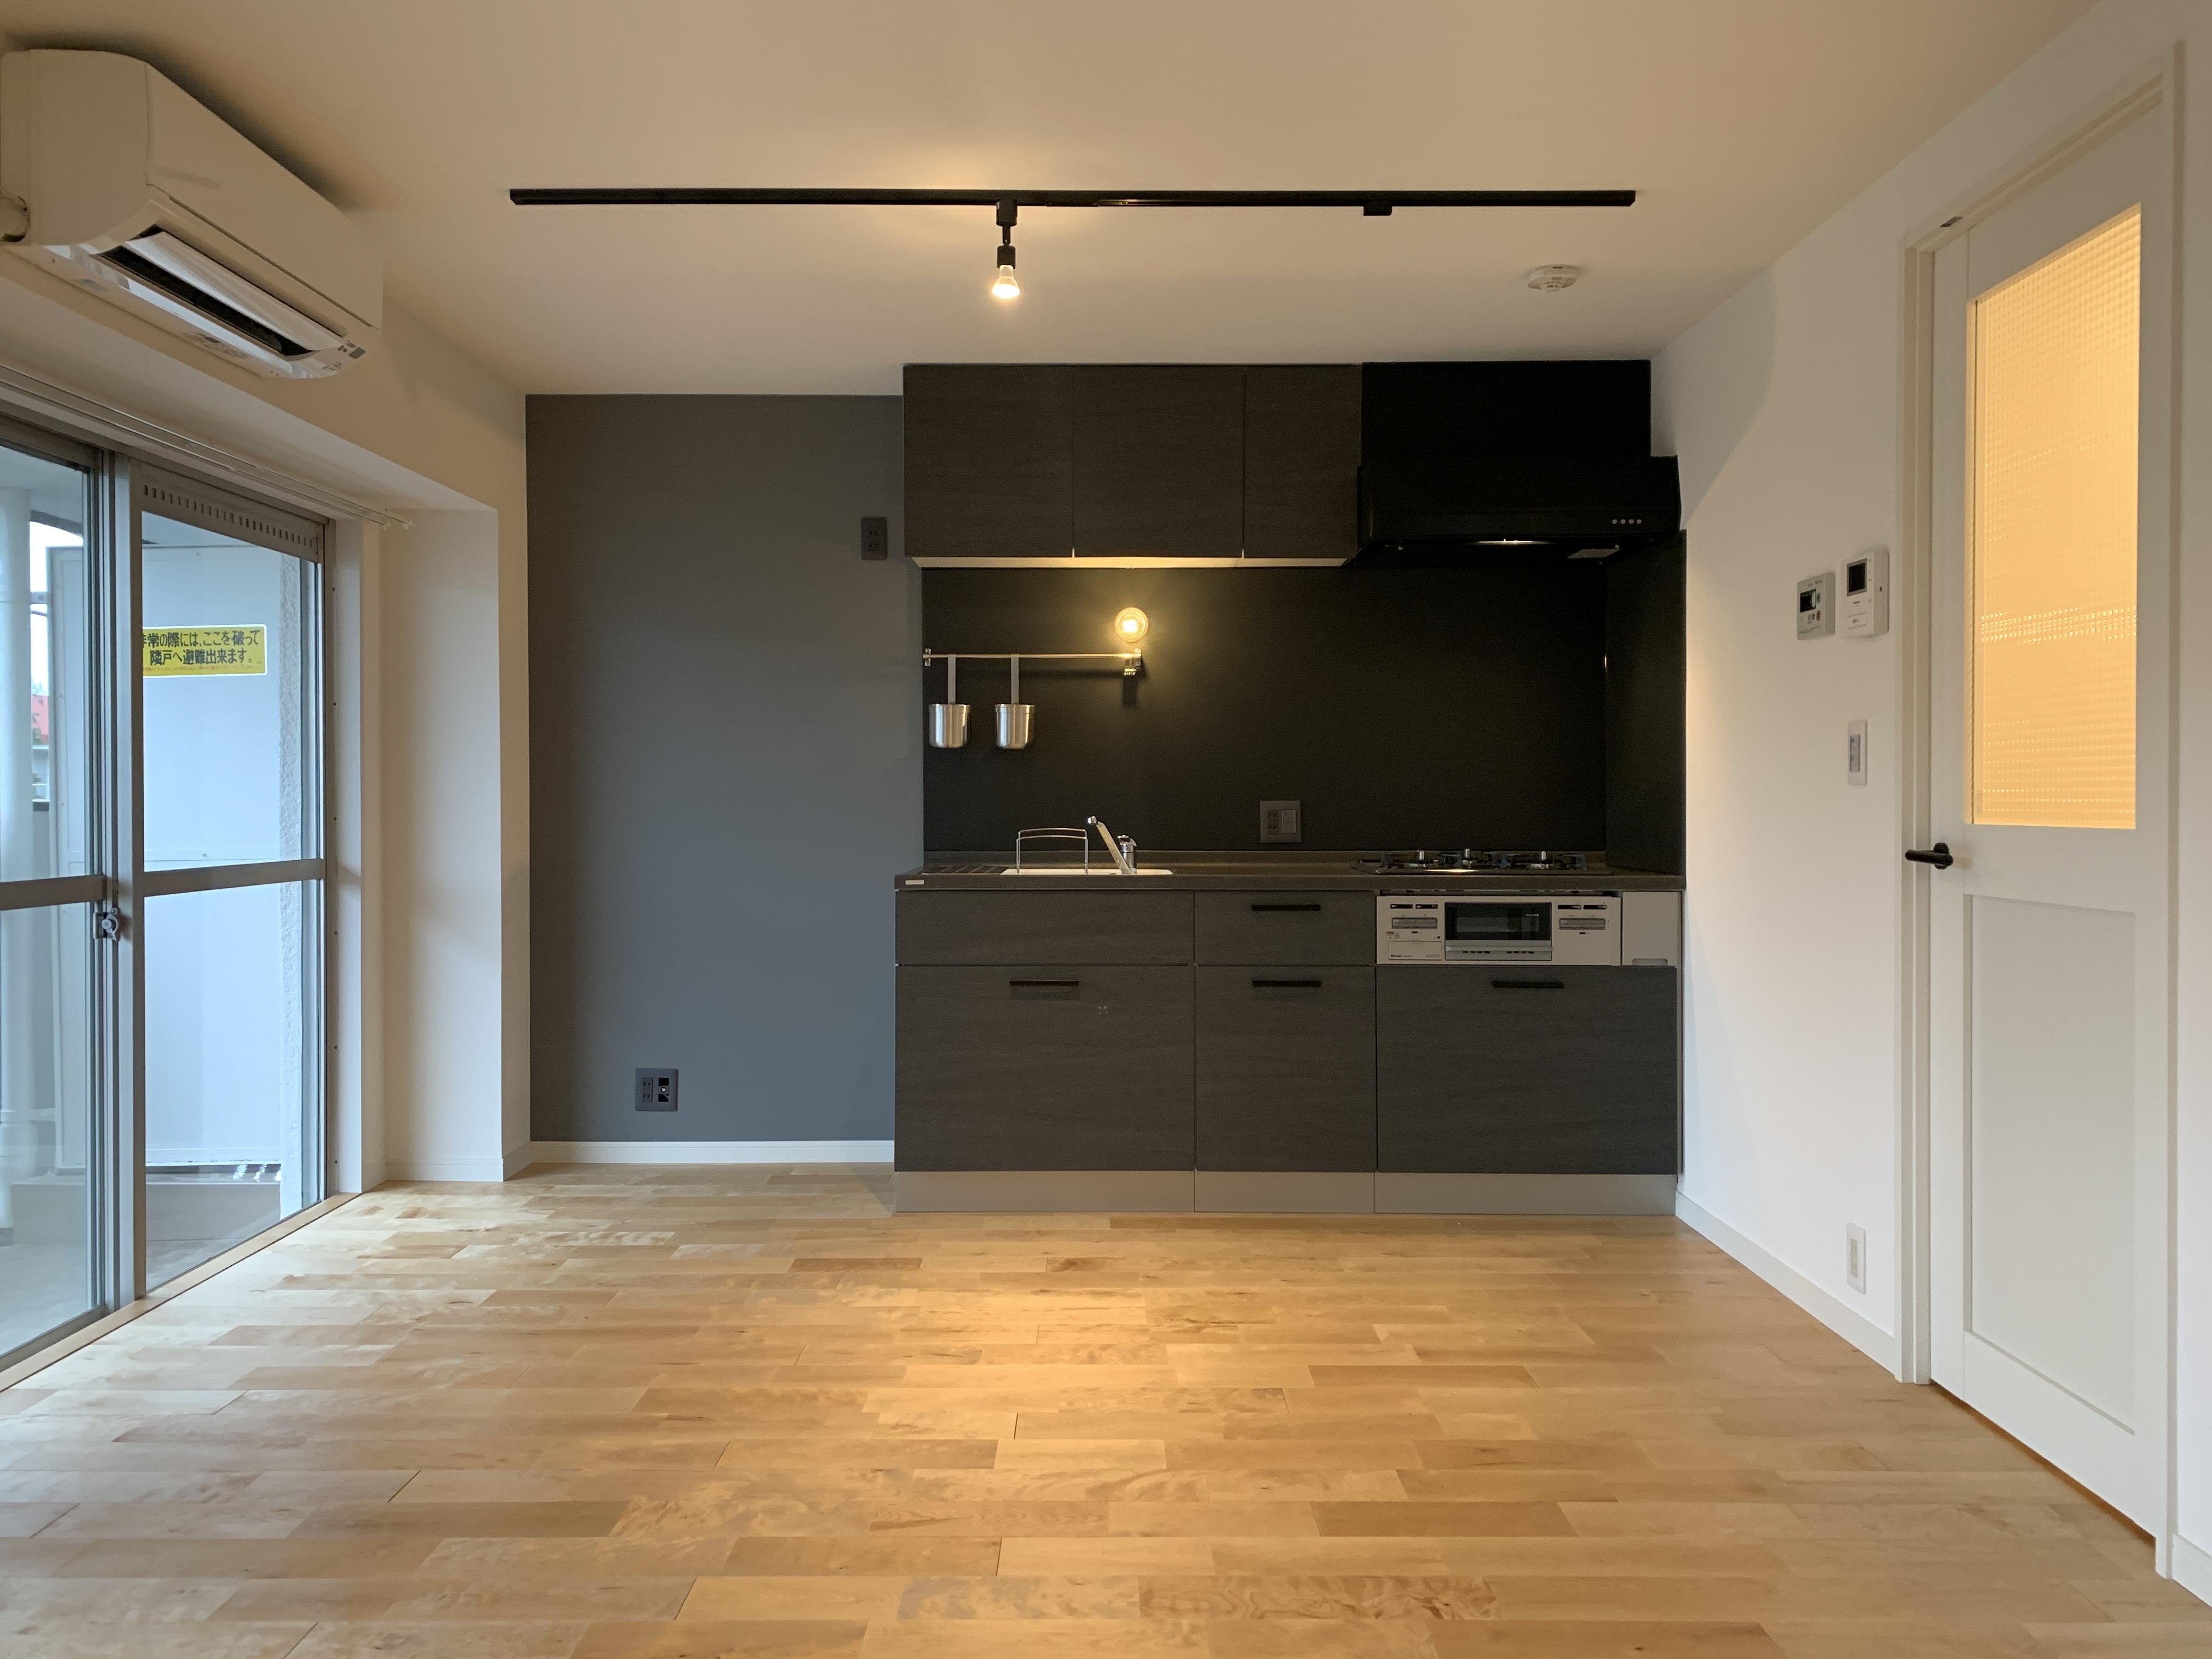 フォンタナ4のグレー天板キッチン